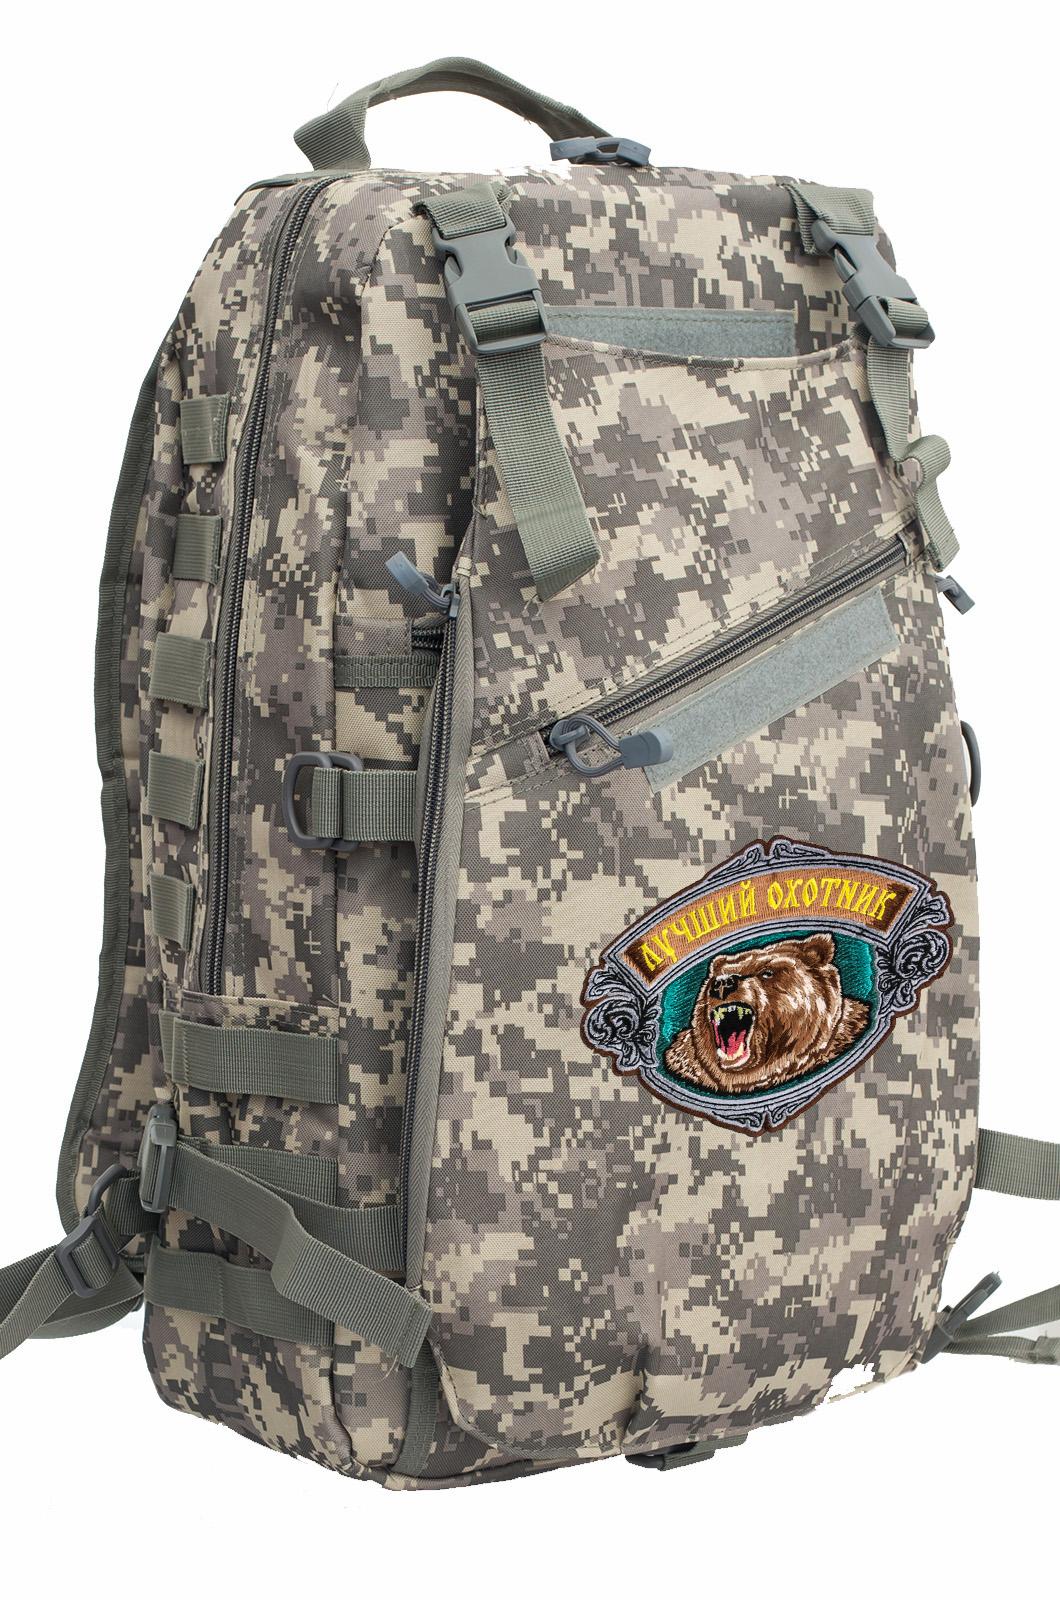 Камуфлированный крутой рюкзак с нашивкой Лучший Охотник - заказать в подарок